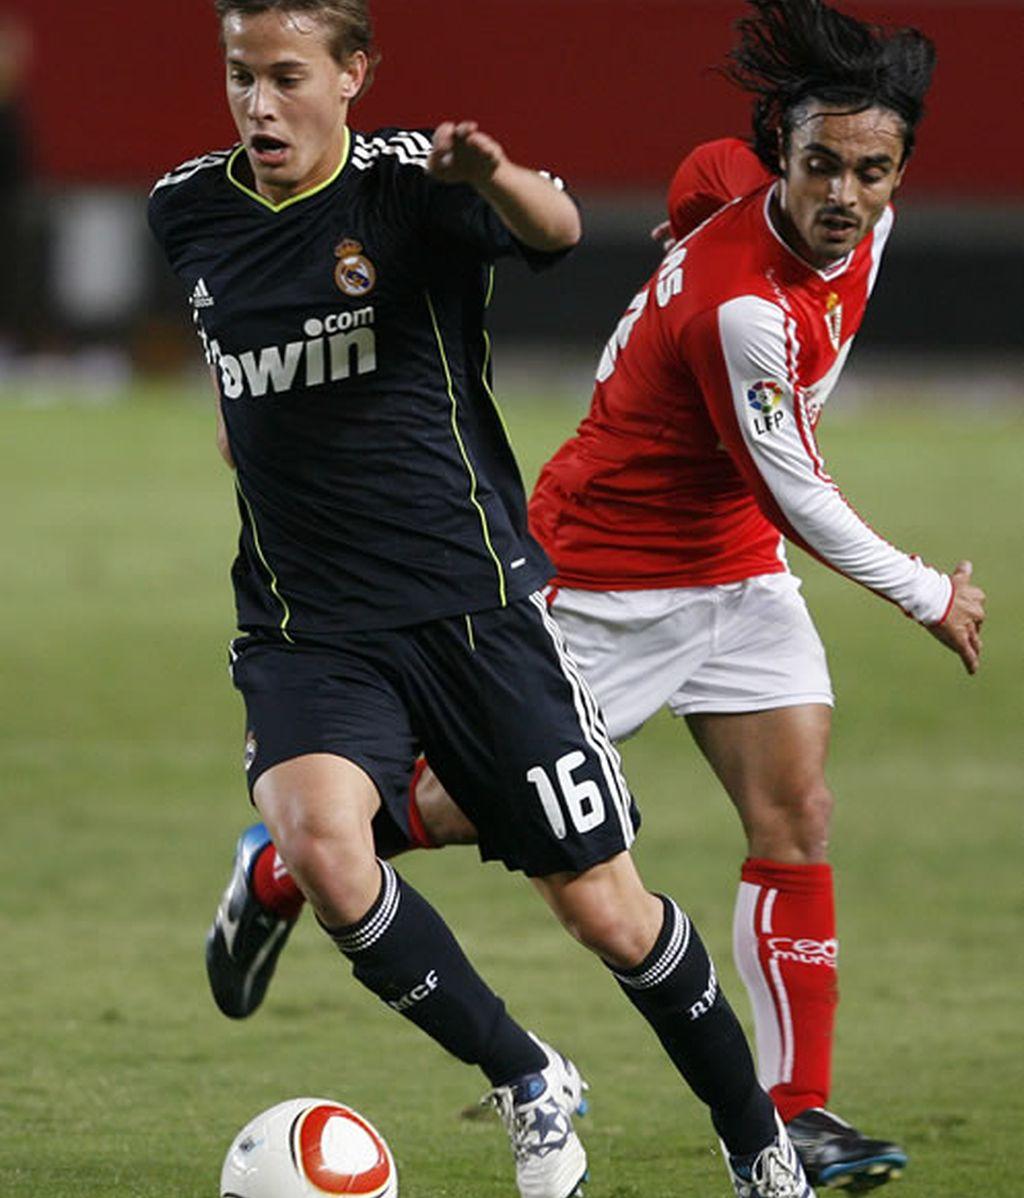 Canales en el partido de Copa del Rey contra el Murcia